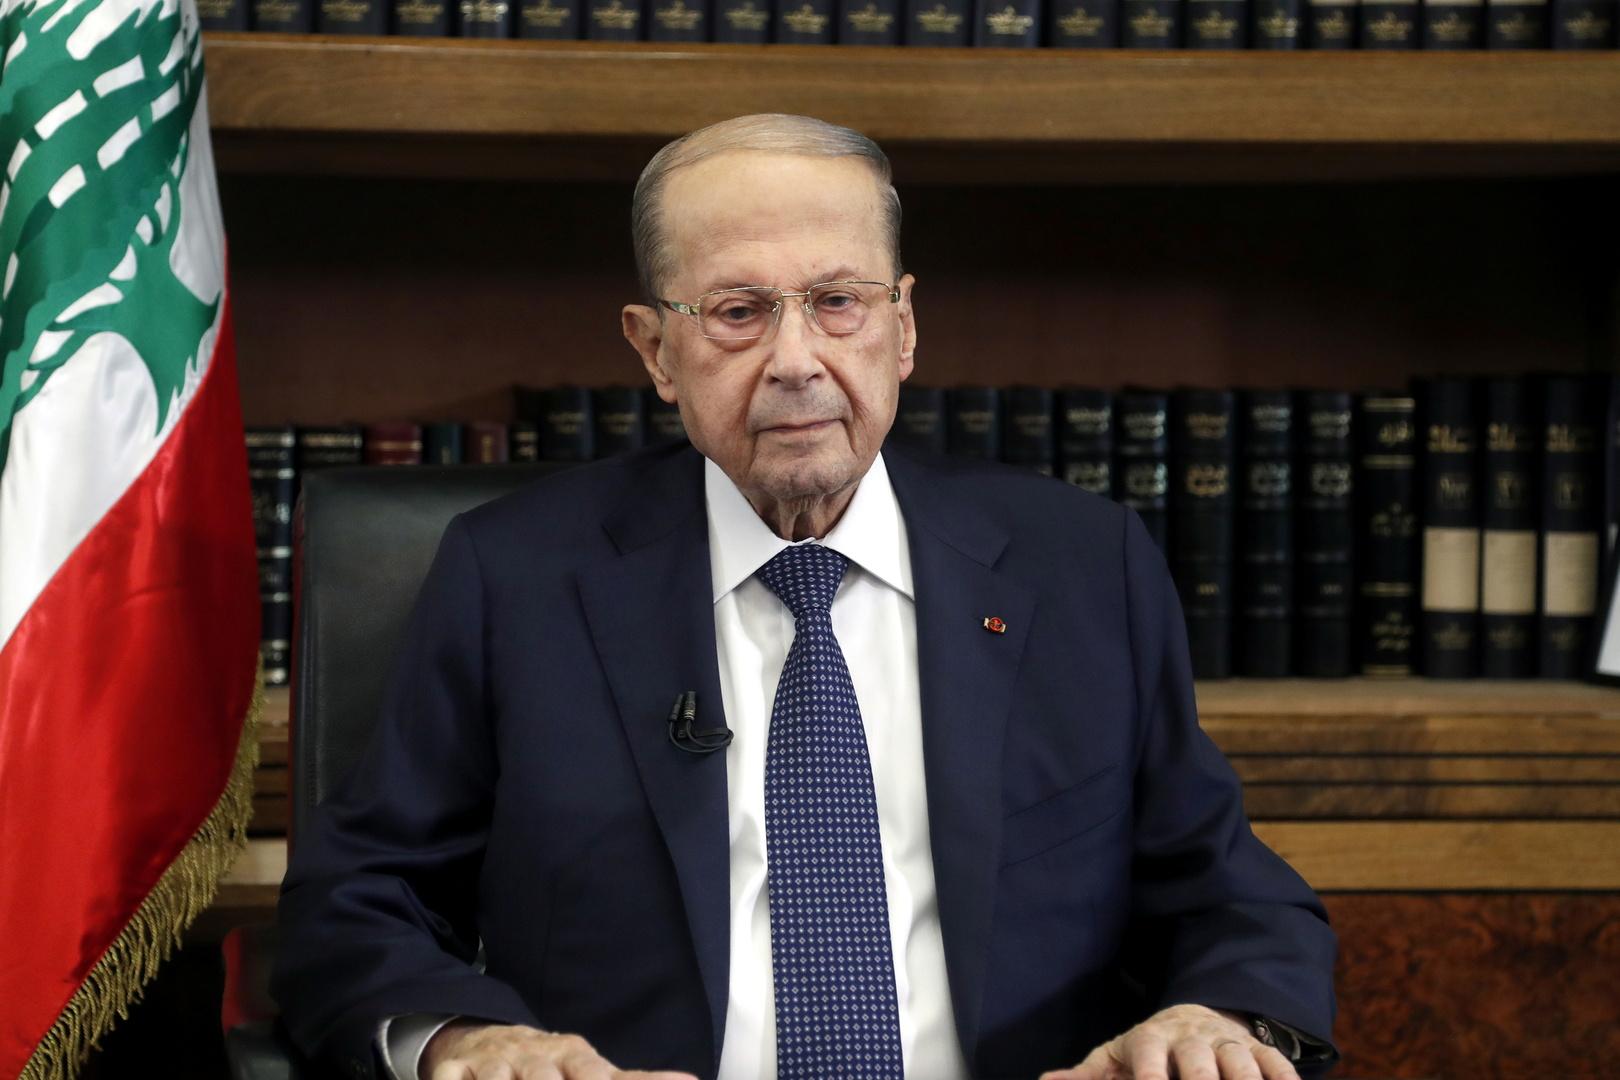 لبنان.. مجلس الدفاع الأعلى طلب من الأجهزة العسكرية  البقاء على جهوزية تامة لمنع زعزعة الأمن